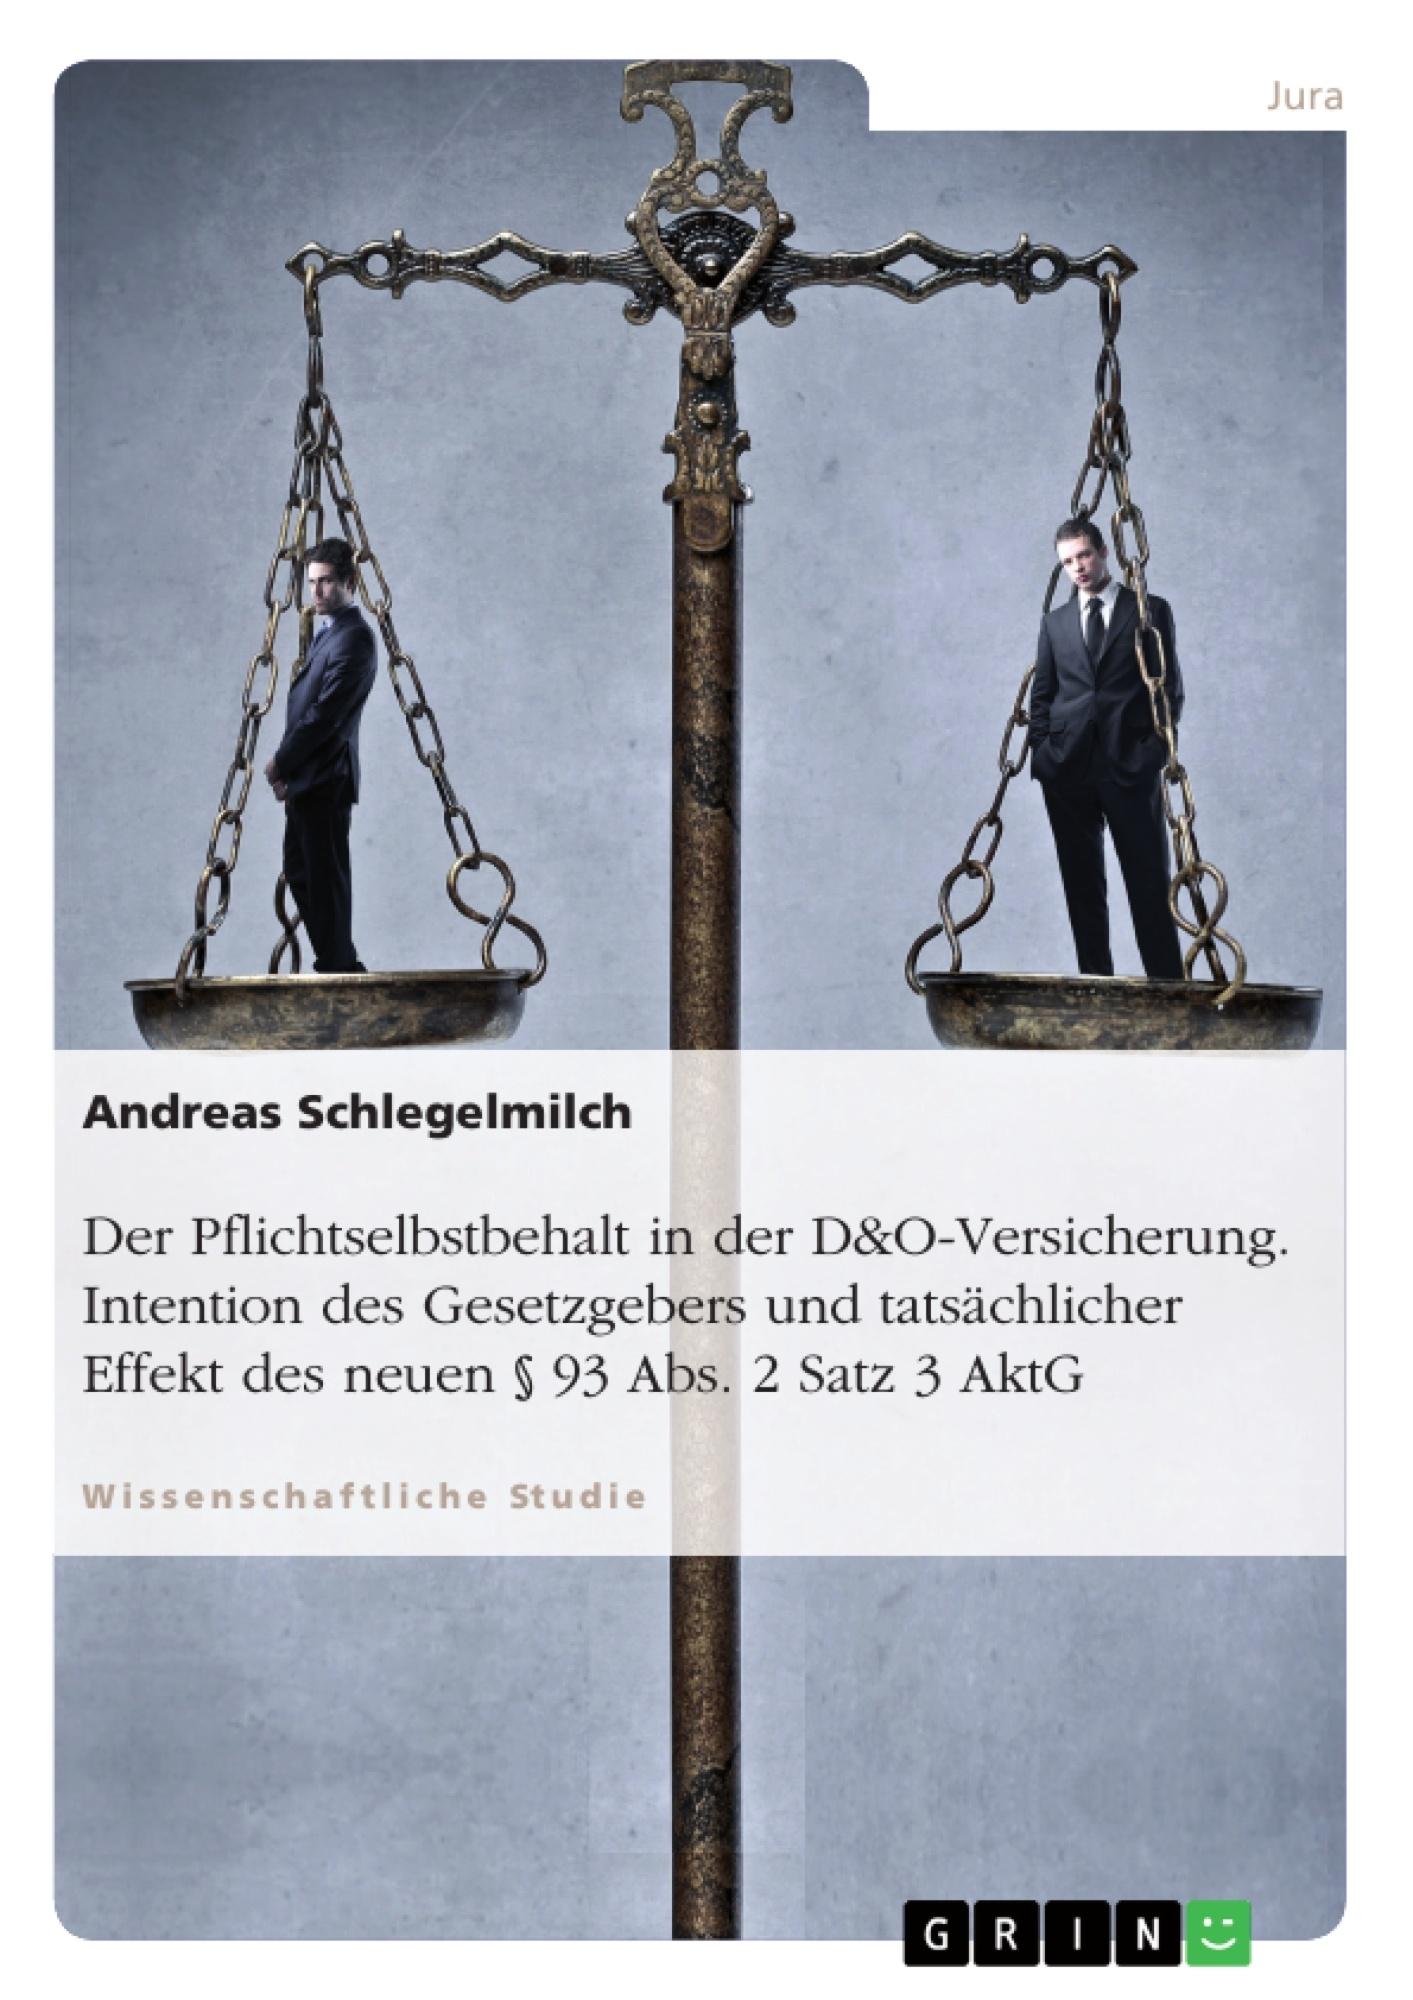 Titel: Der Pflichtselbstbehalt in der D&O-Versicherung. Intention des Gesetzgebers und tatsächlicher Effekt des neuen § 93 Abs. 2 Satz 3 AktG